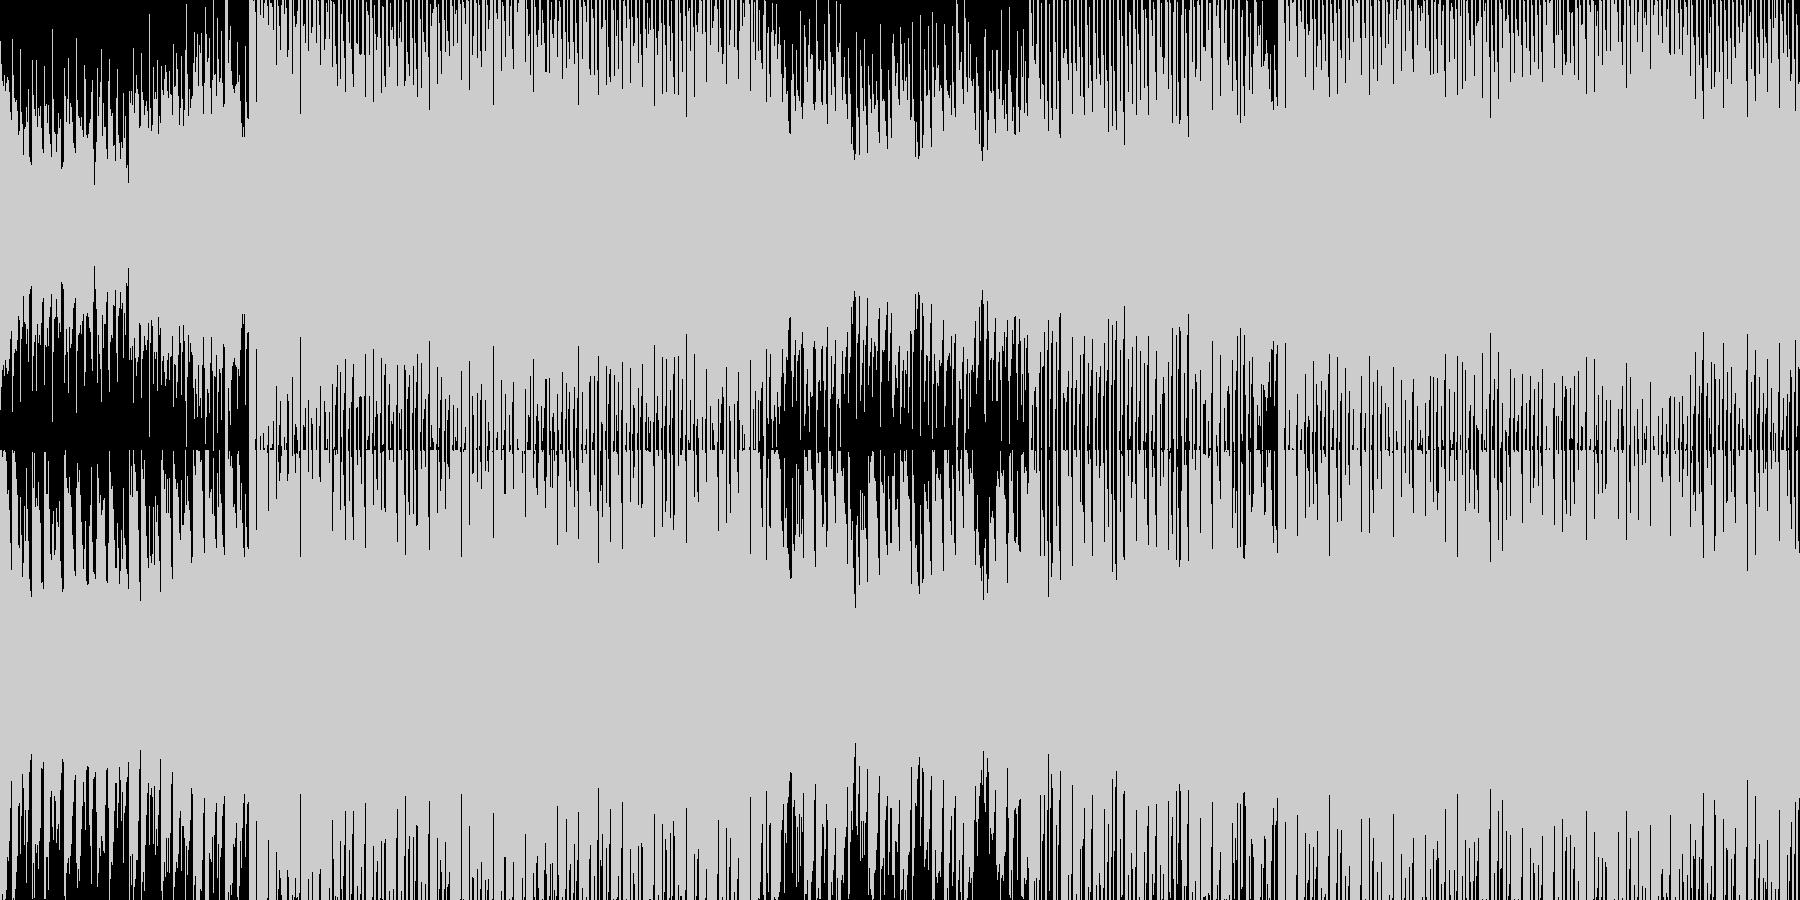 キラキラさわやかテクノポップの未再生の波形